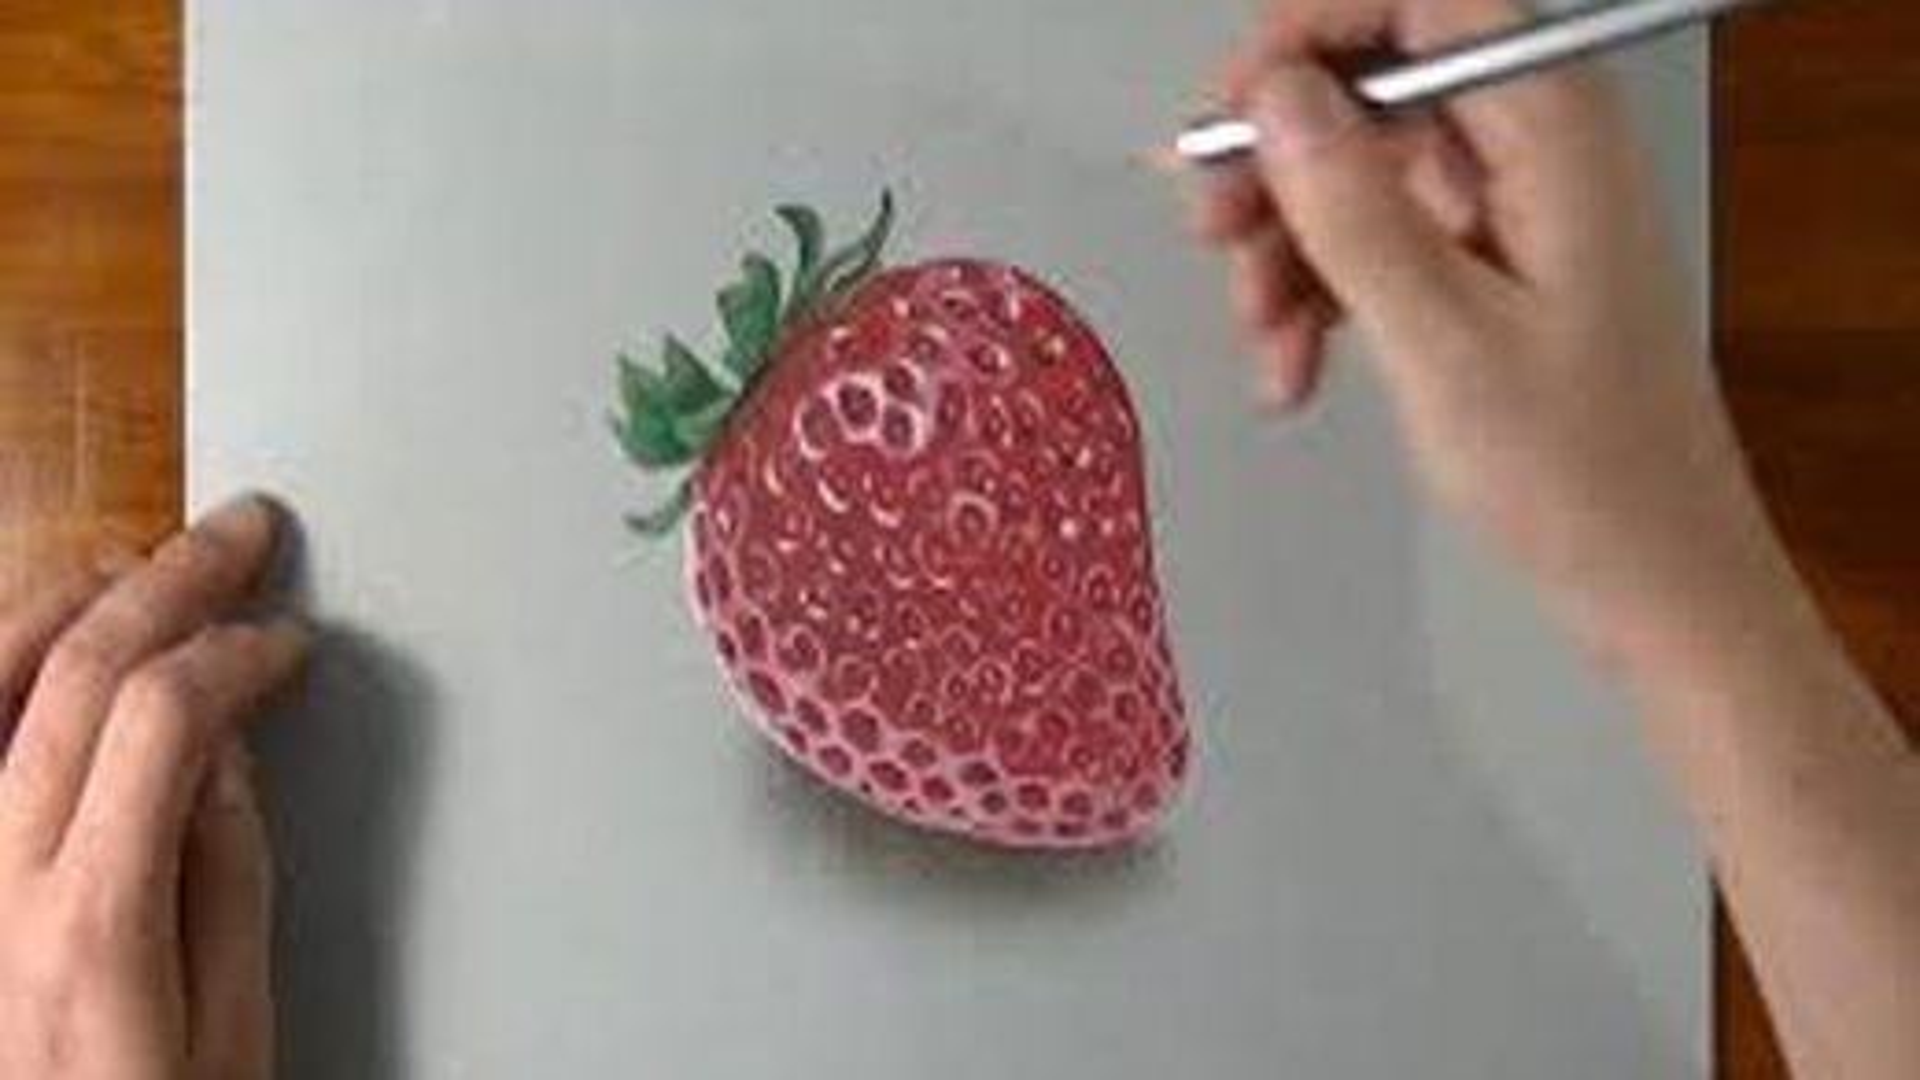 آموزش رسم سه بعدی توت فرنگی بر روی کاغذ | فیلم